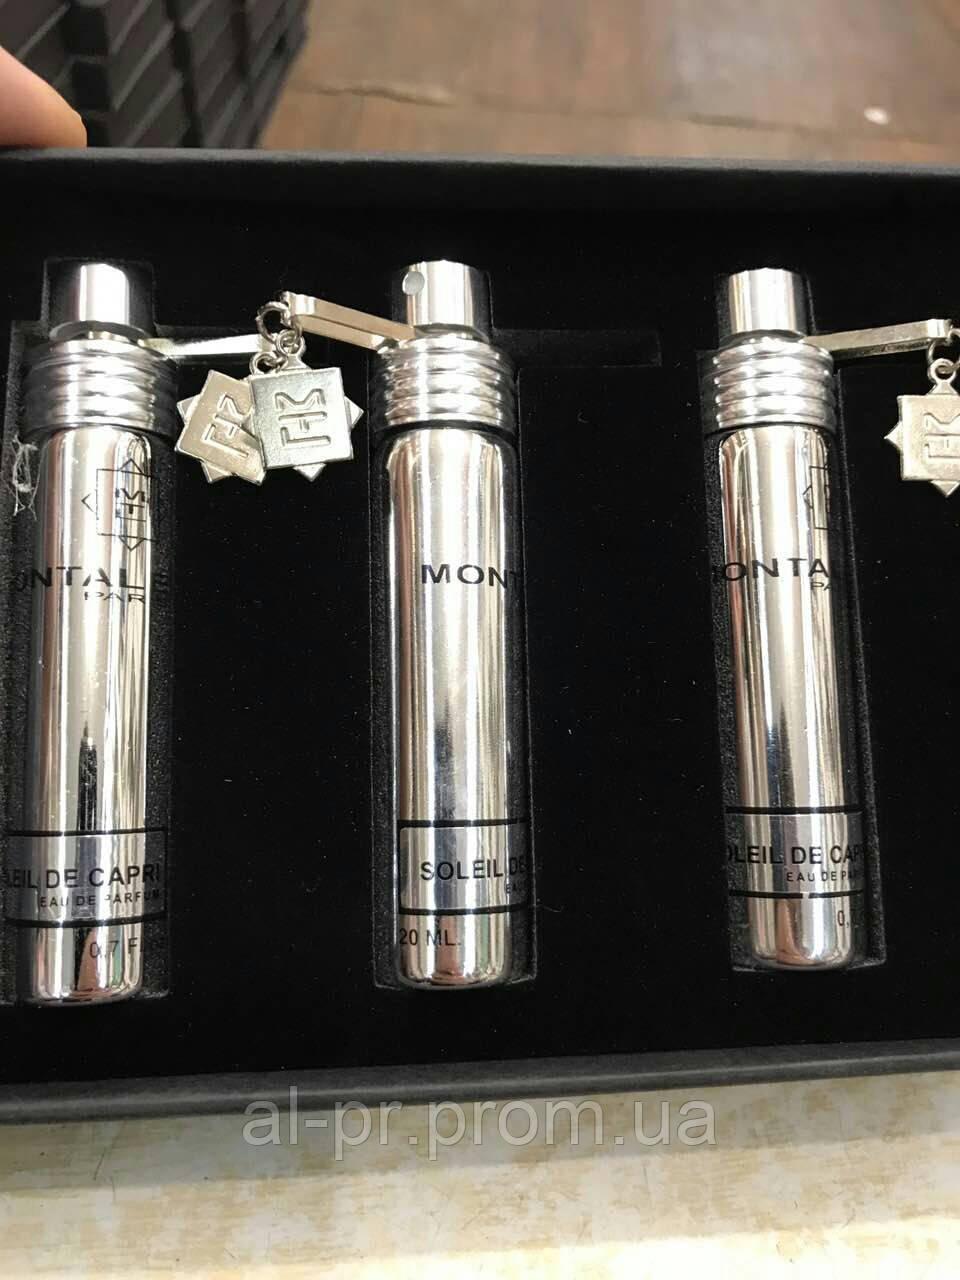 Подарочный набор парфюмерии Montale Soleil de Capri